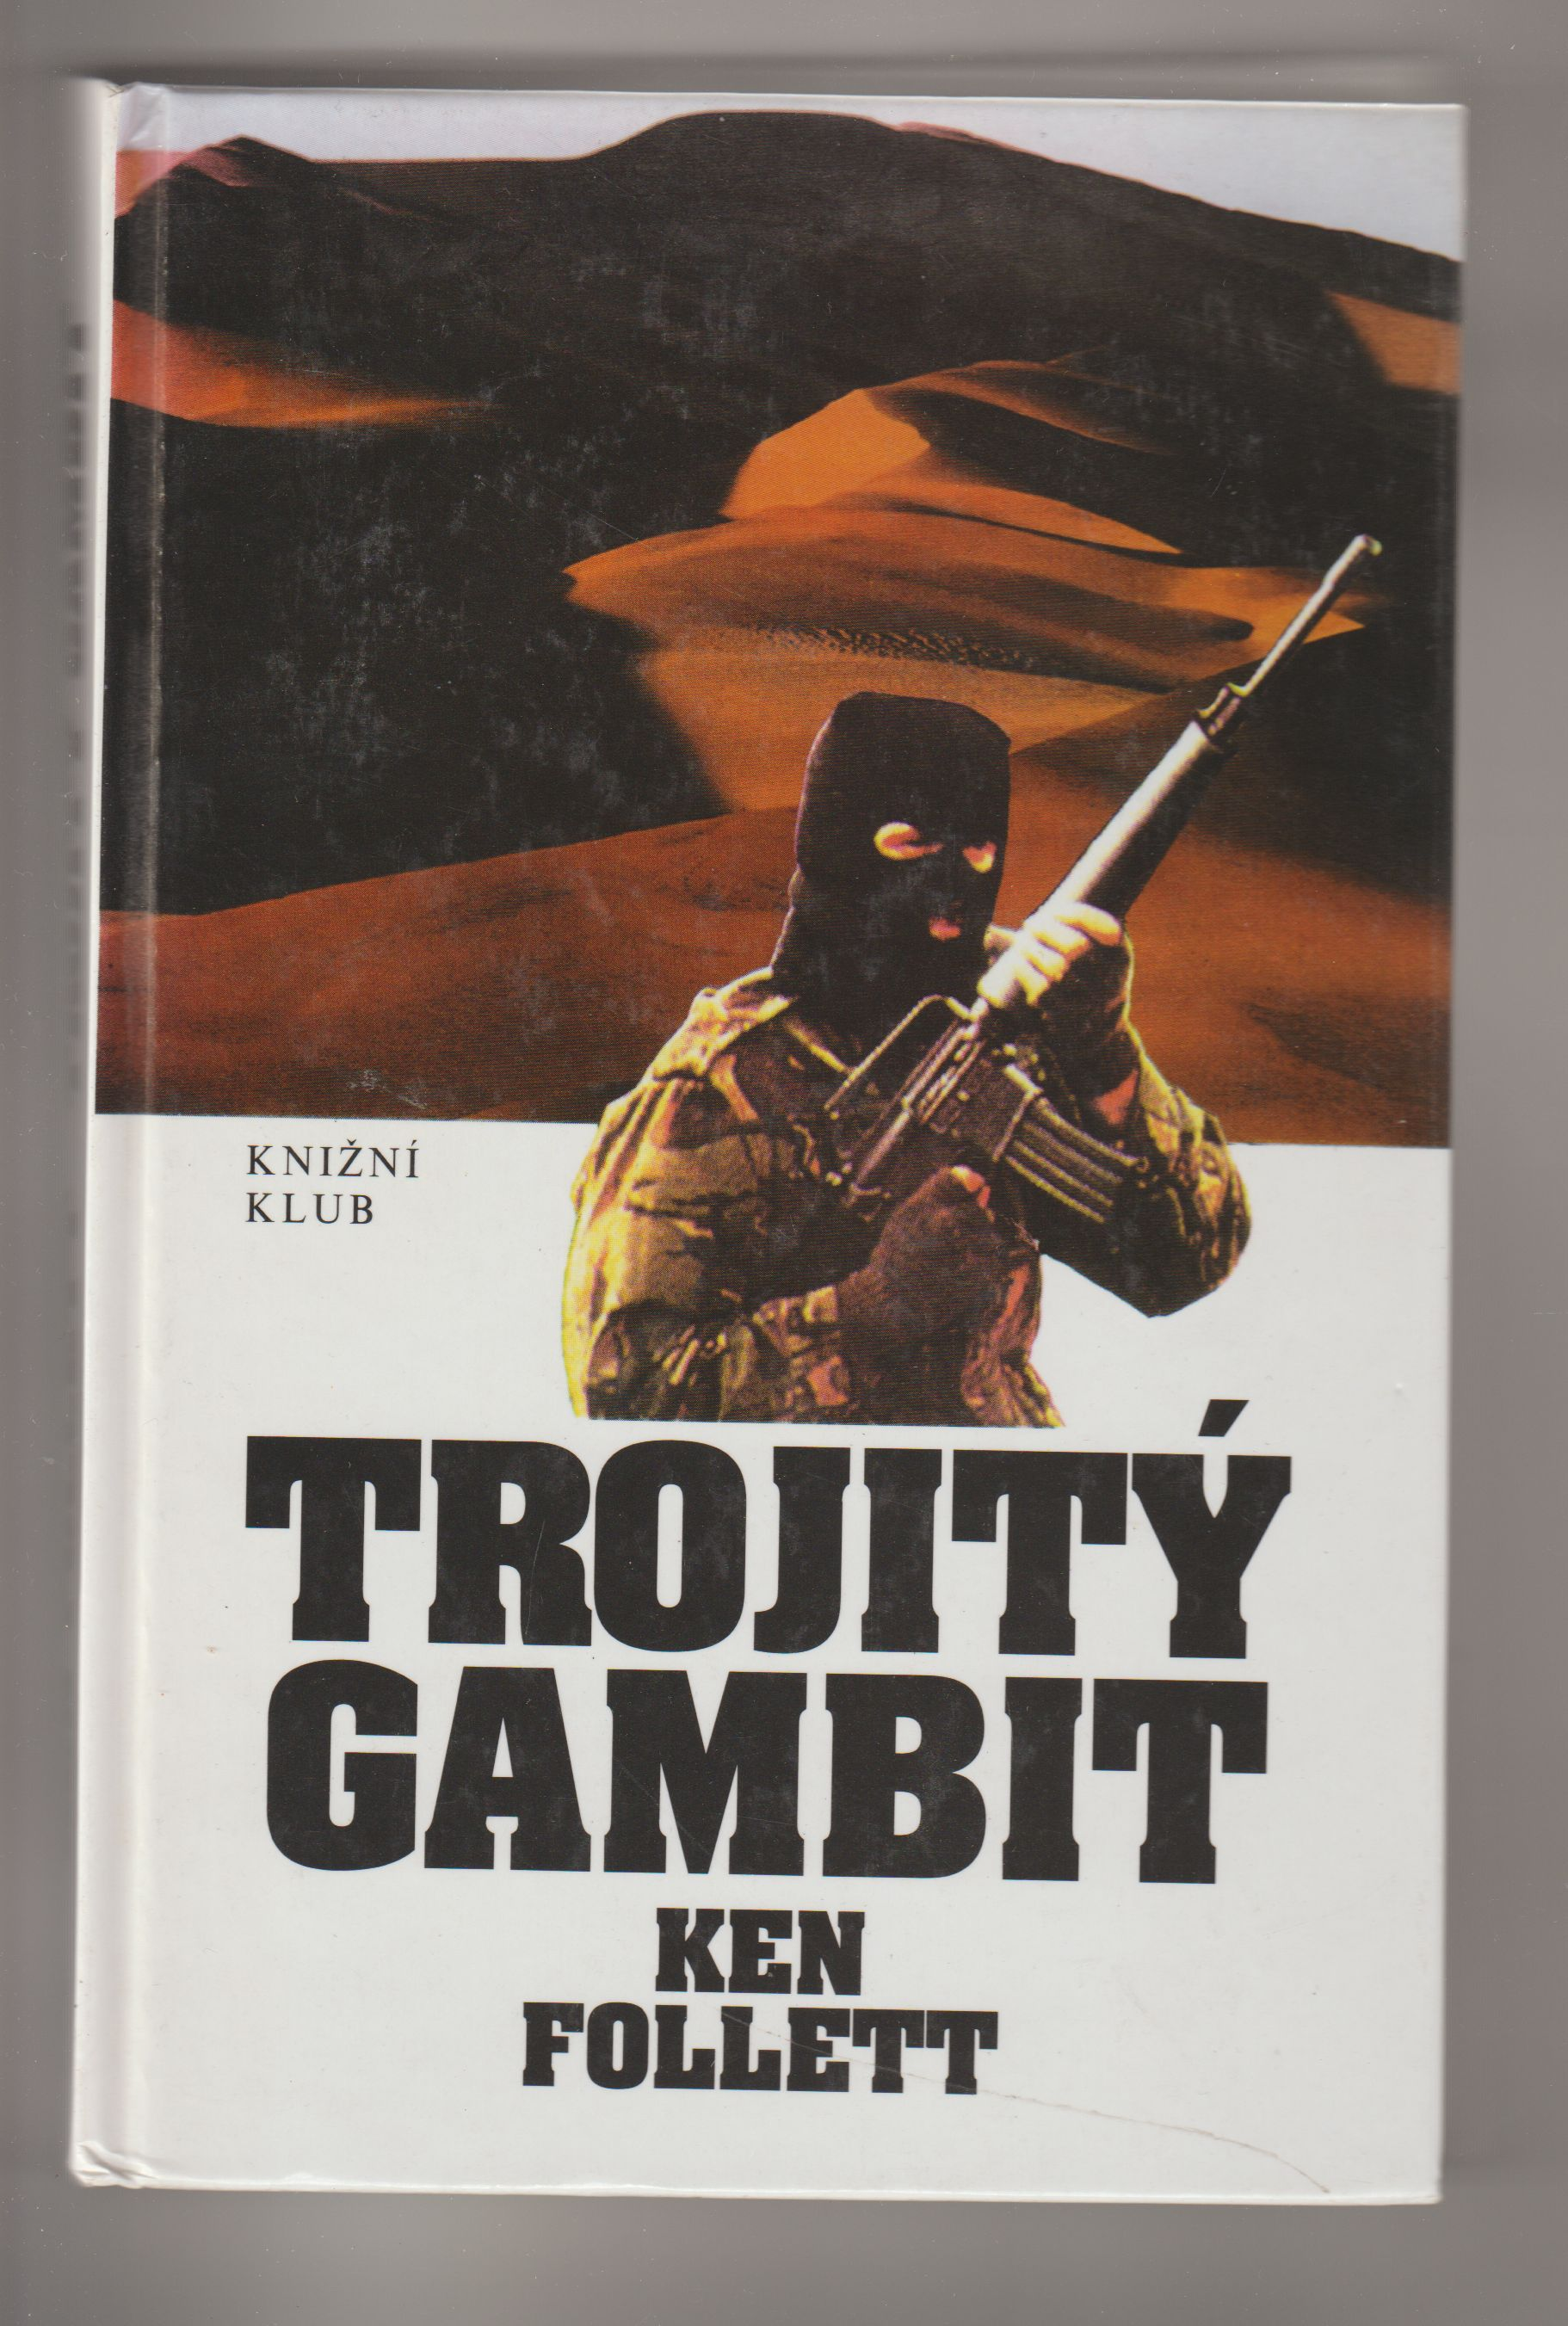 Trojitý gambit - Ken Follett